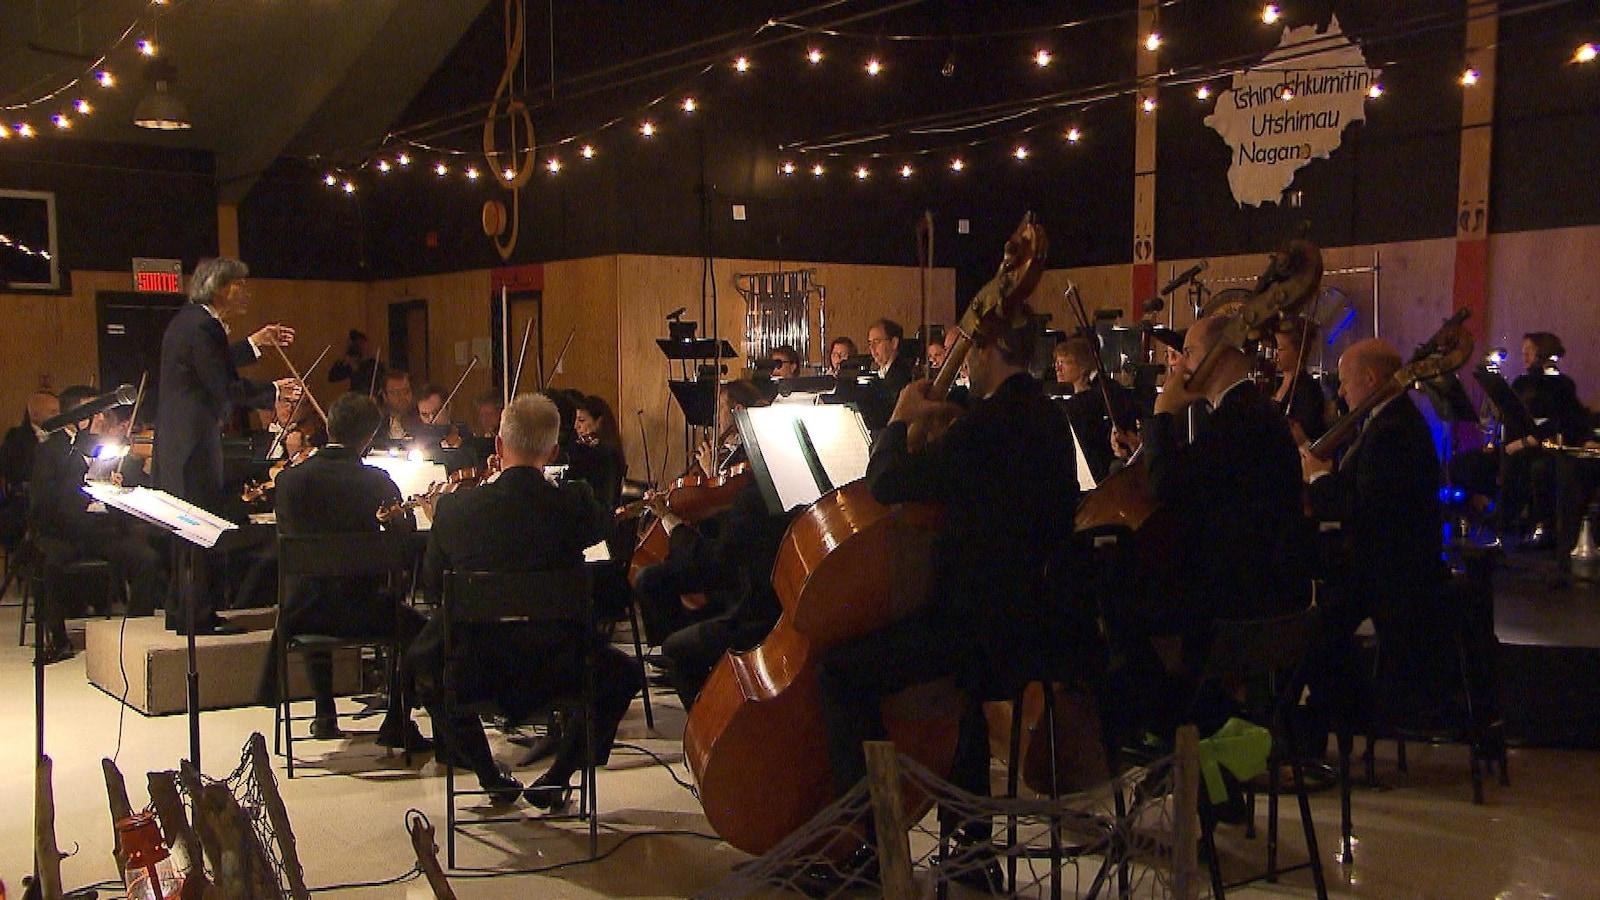 L'orchestre symphonique joue de la musique